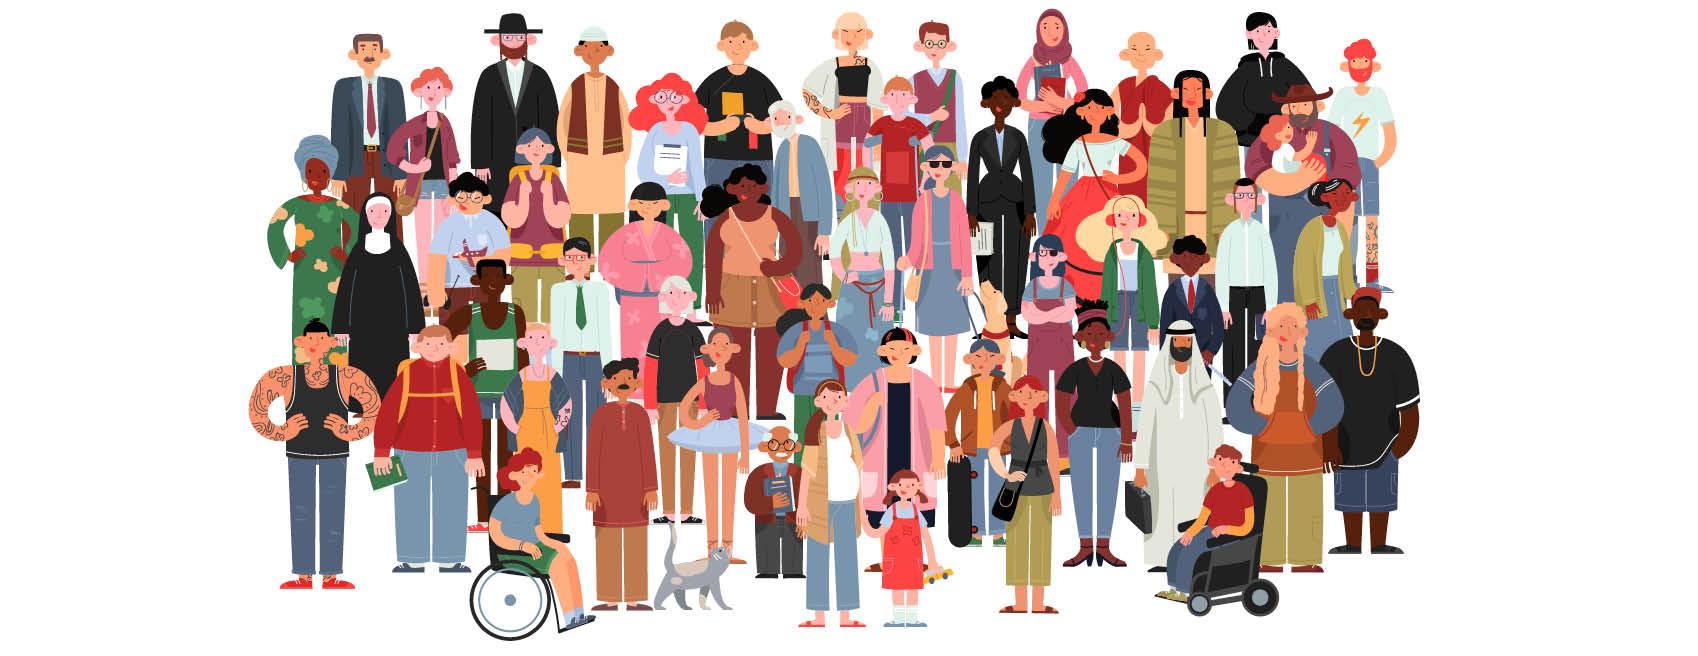 Illustrasjon av mange ulike mennesker